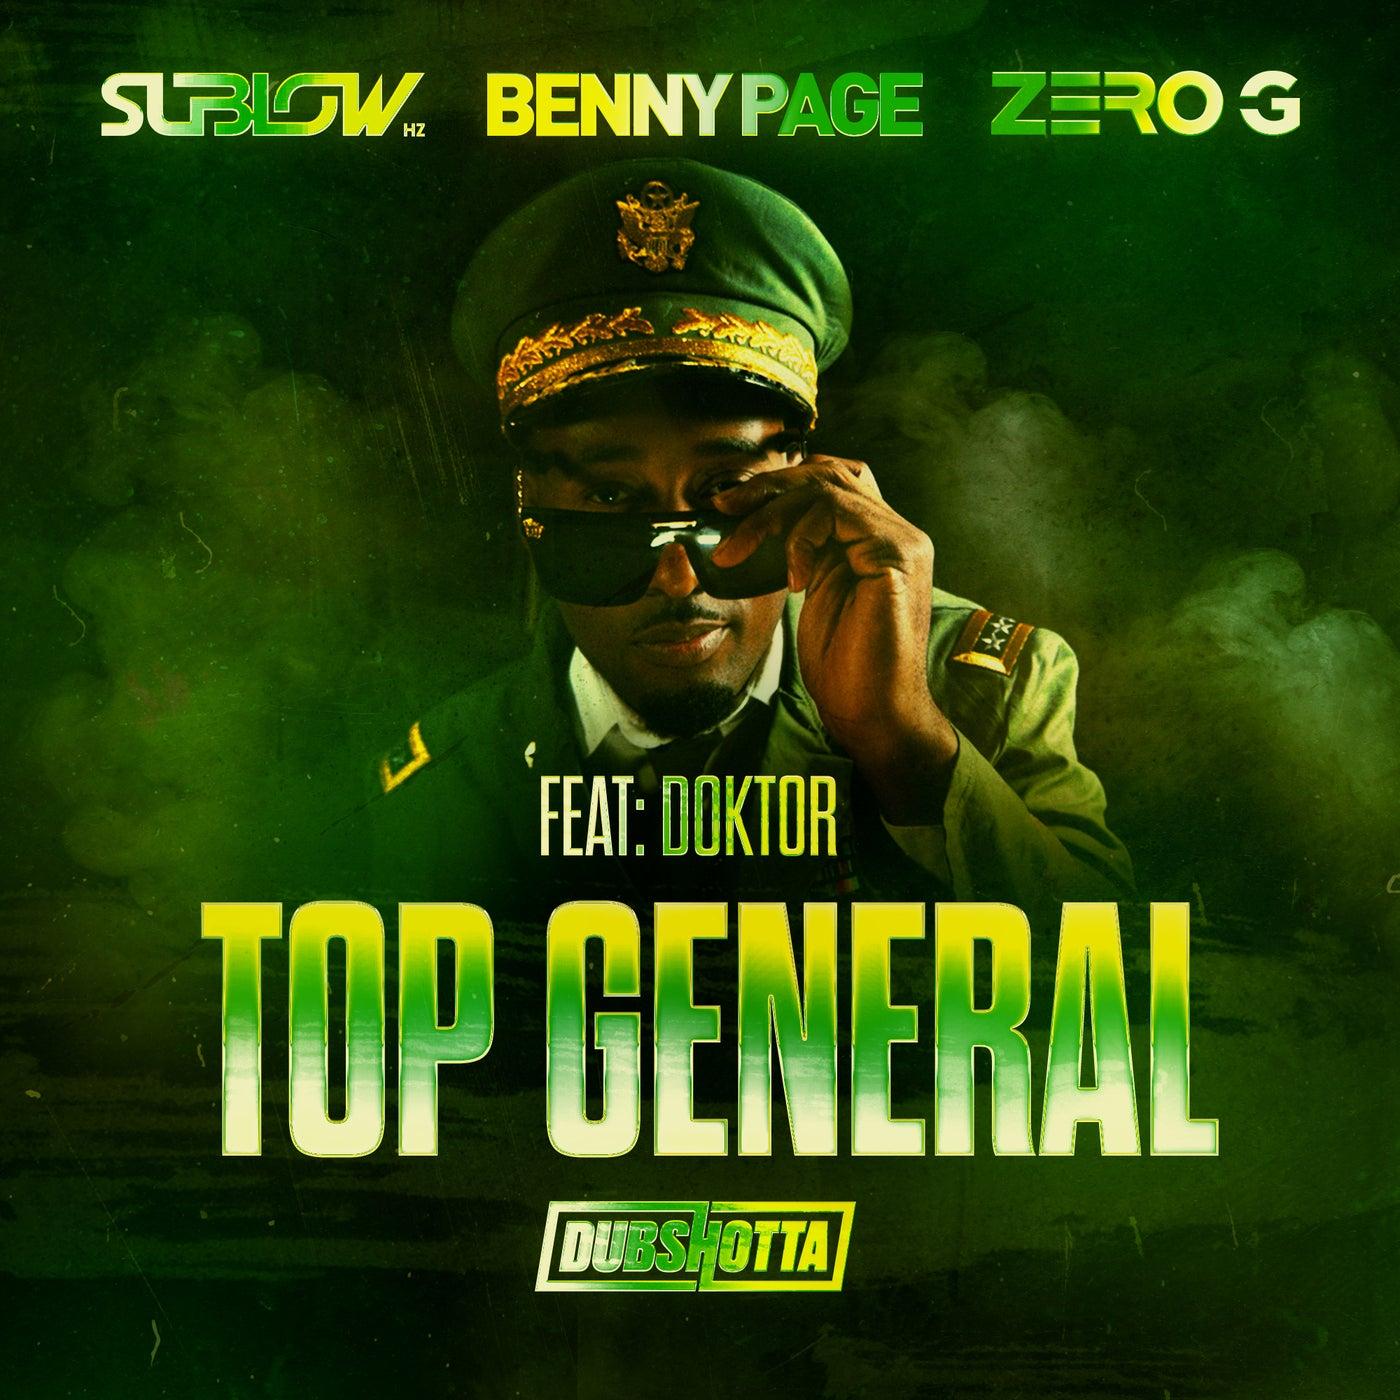 Top General feat. Doktor (Original Mix)